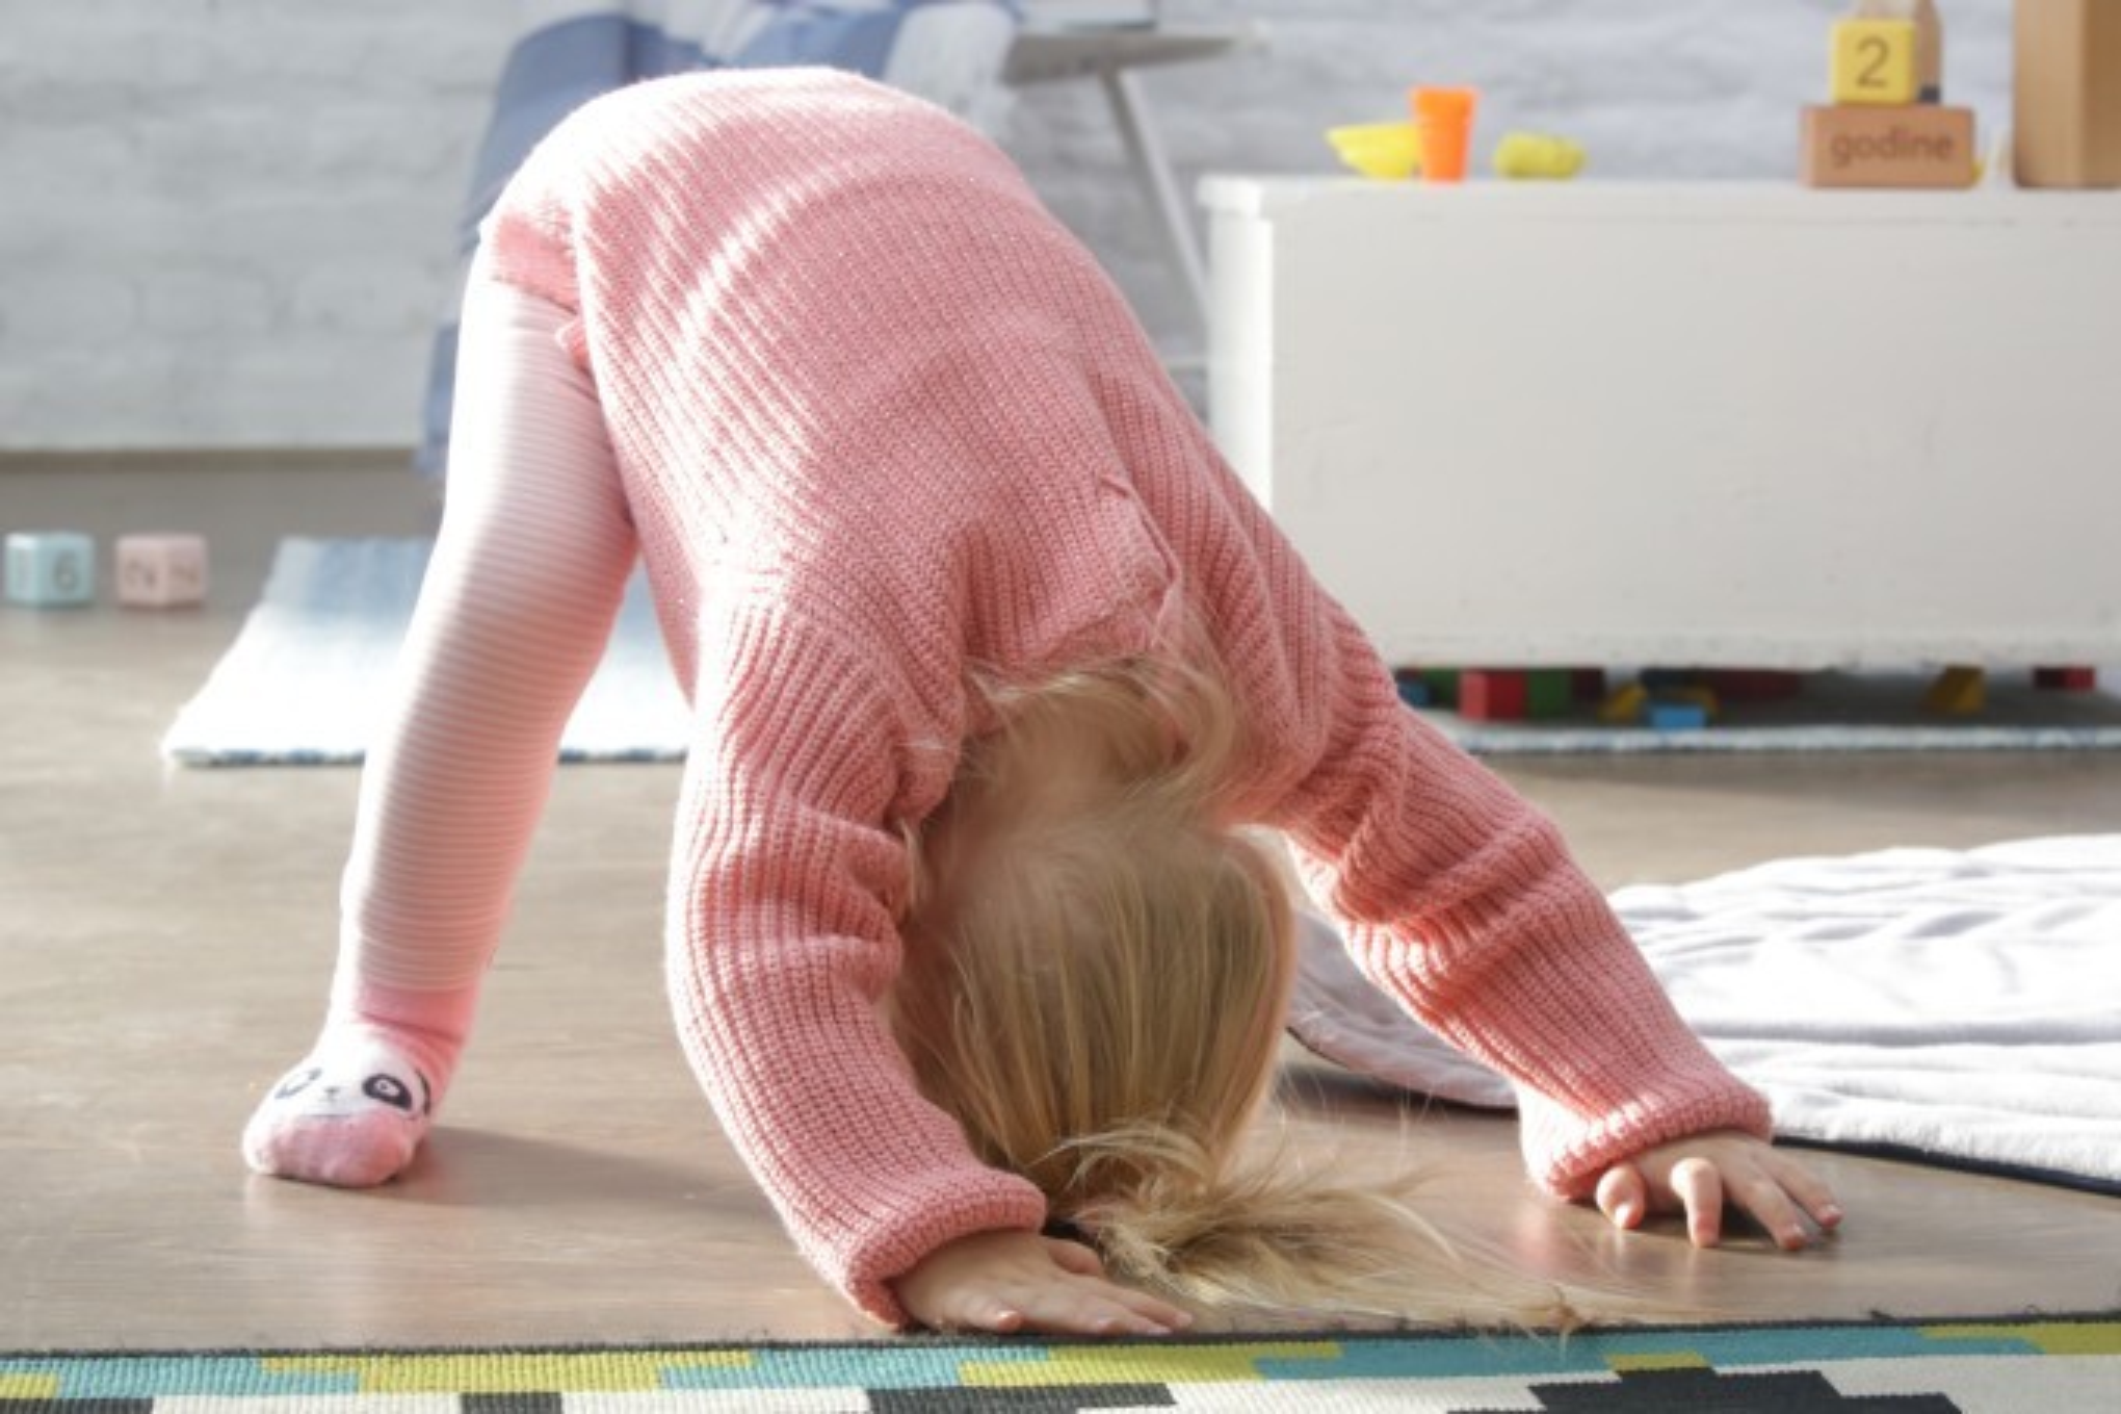 criança de dois anos atividade física